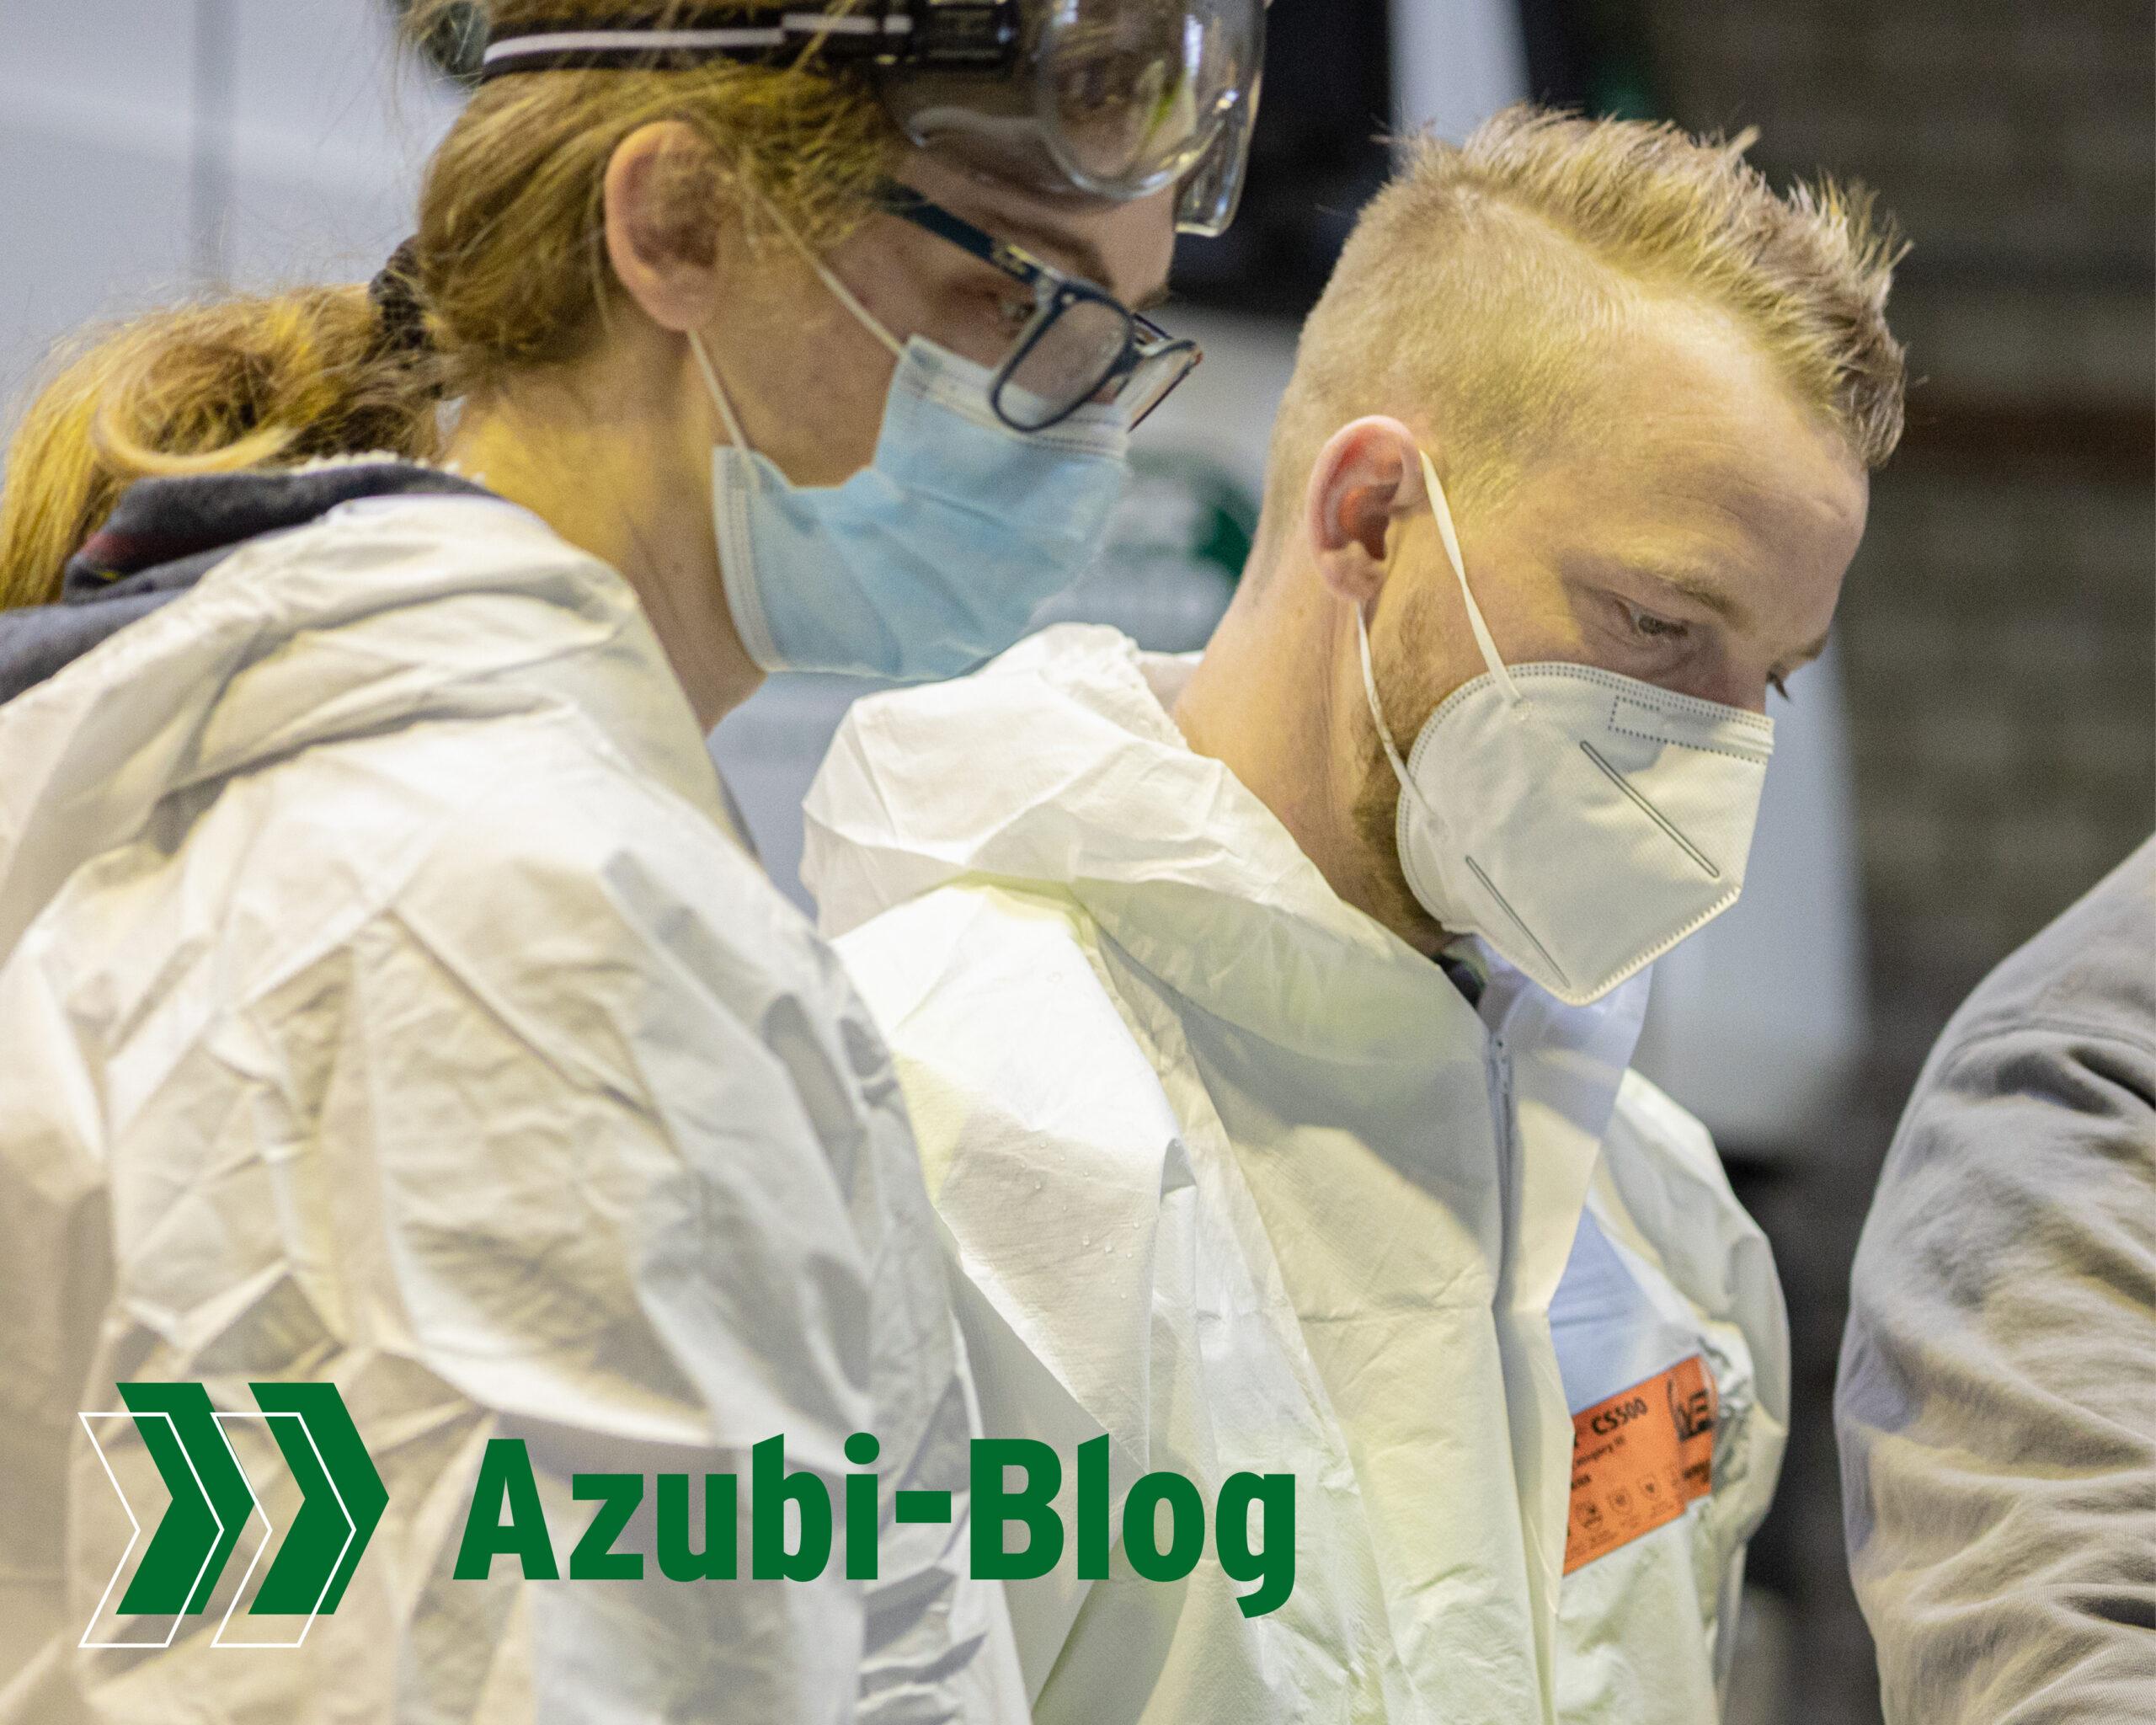 Azubi-Blog Teil 5